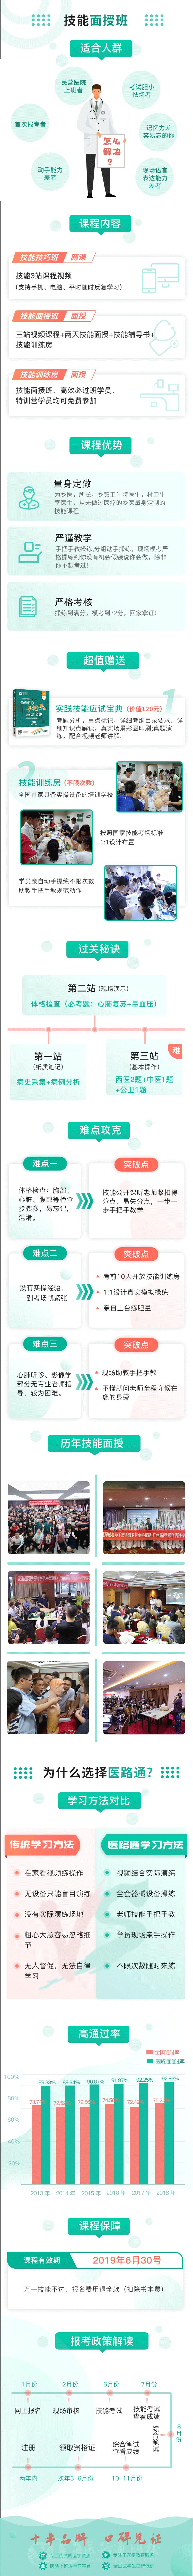 技能面授课程介绍-临床.png